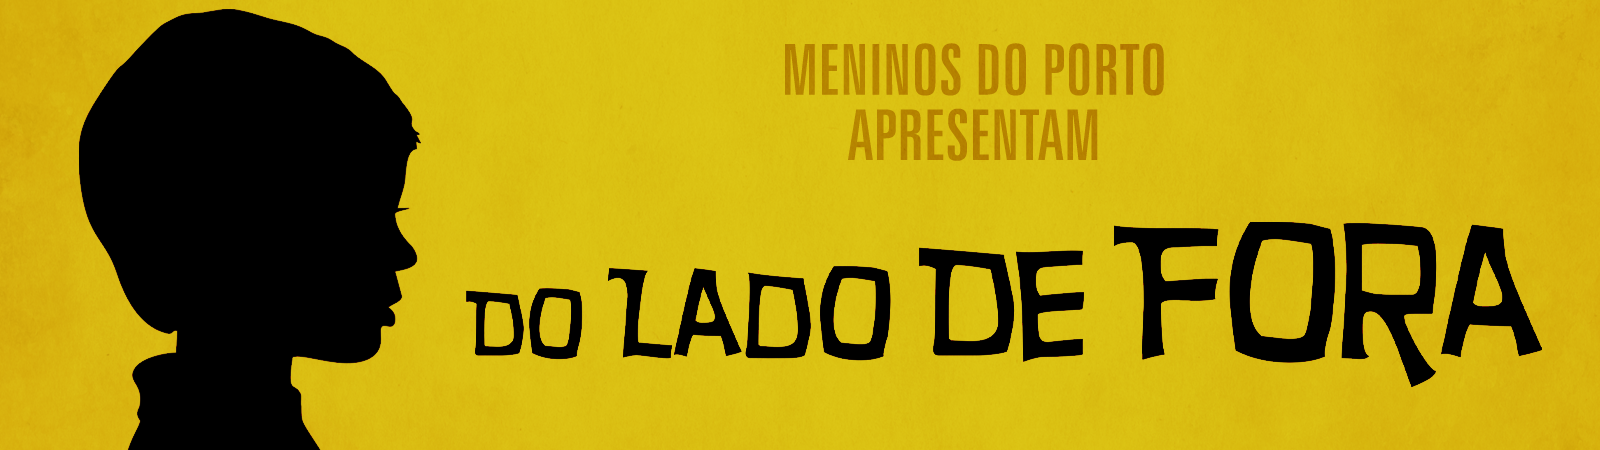 Pré-estreia do curta-metragem Do Lado de Fora sexta-feira de diretores muriaeenses